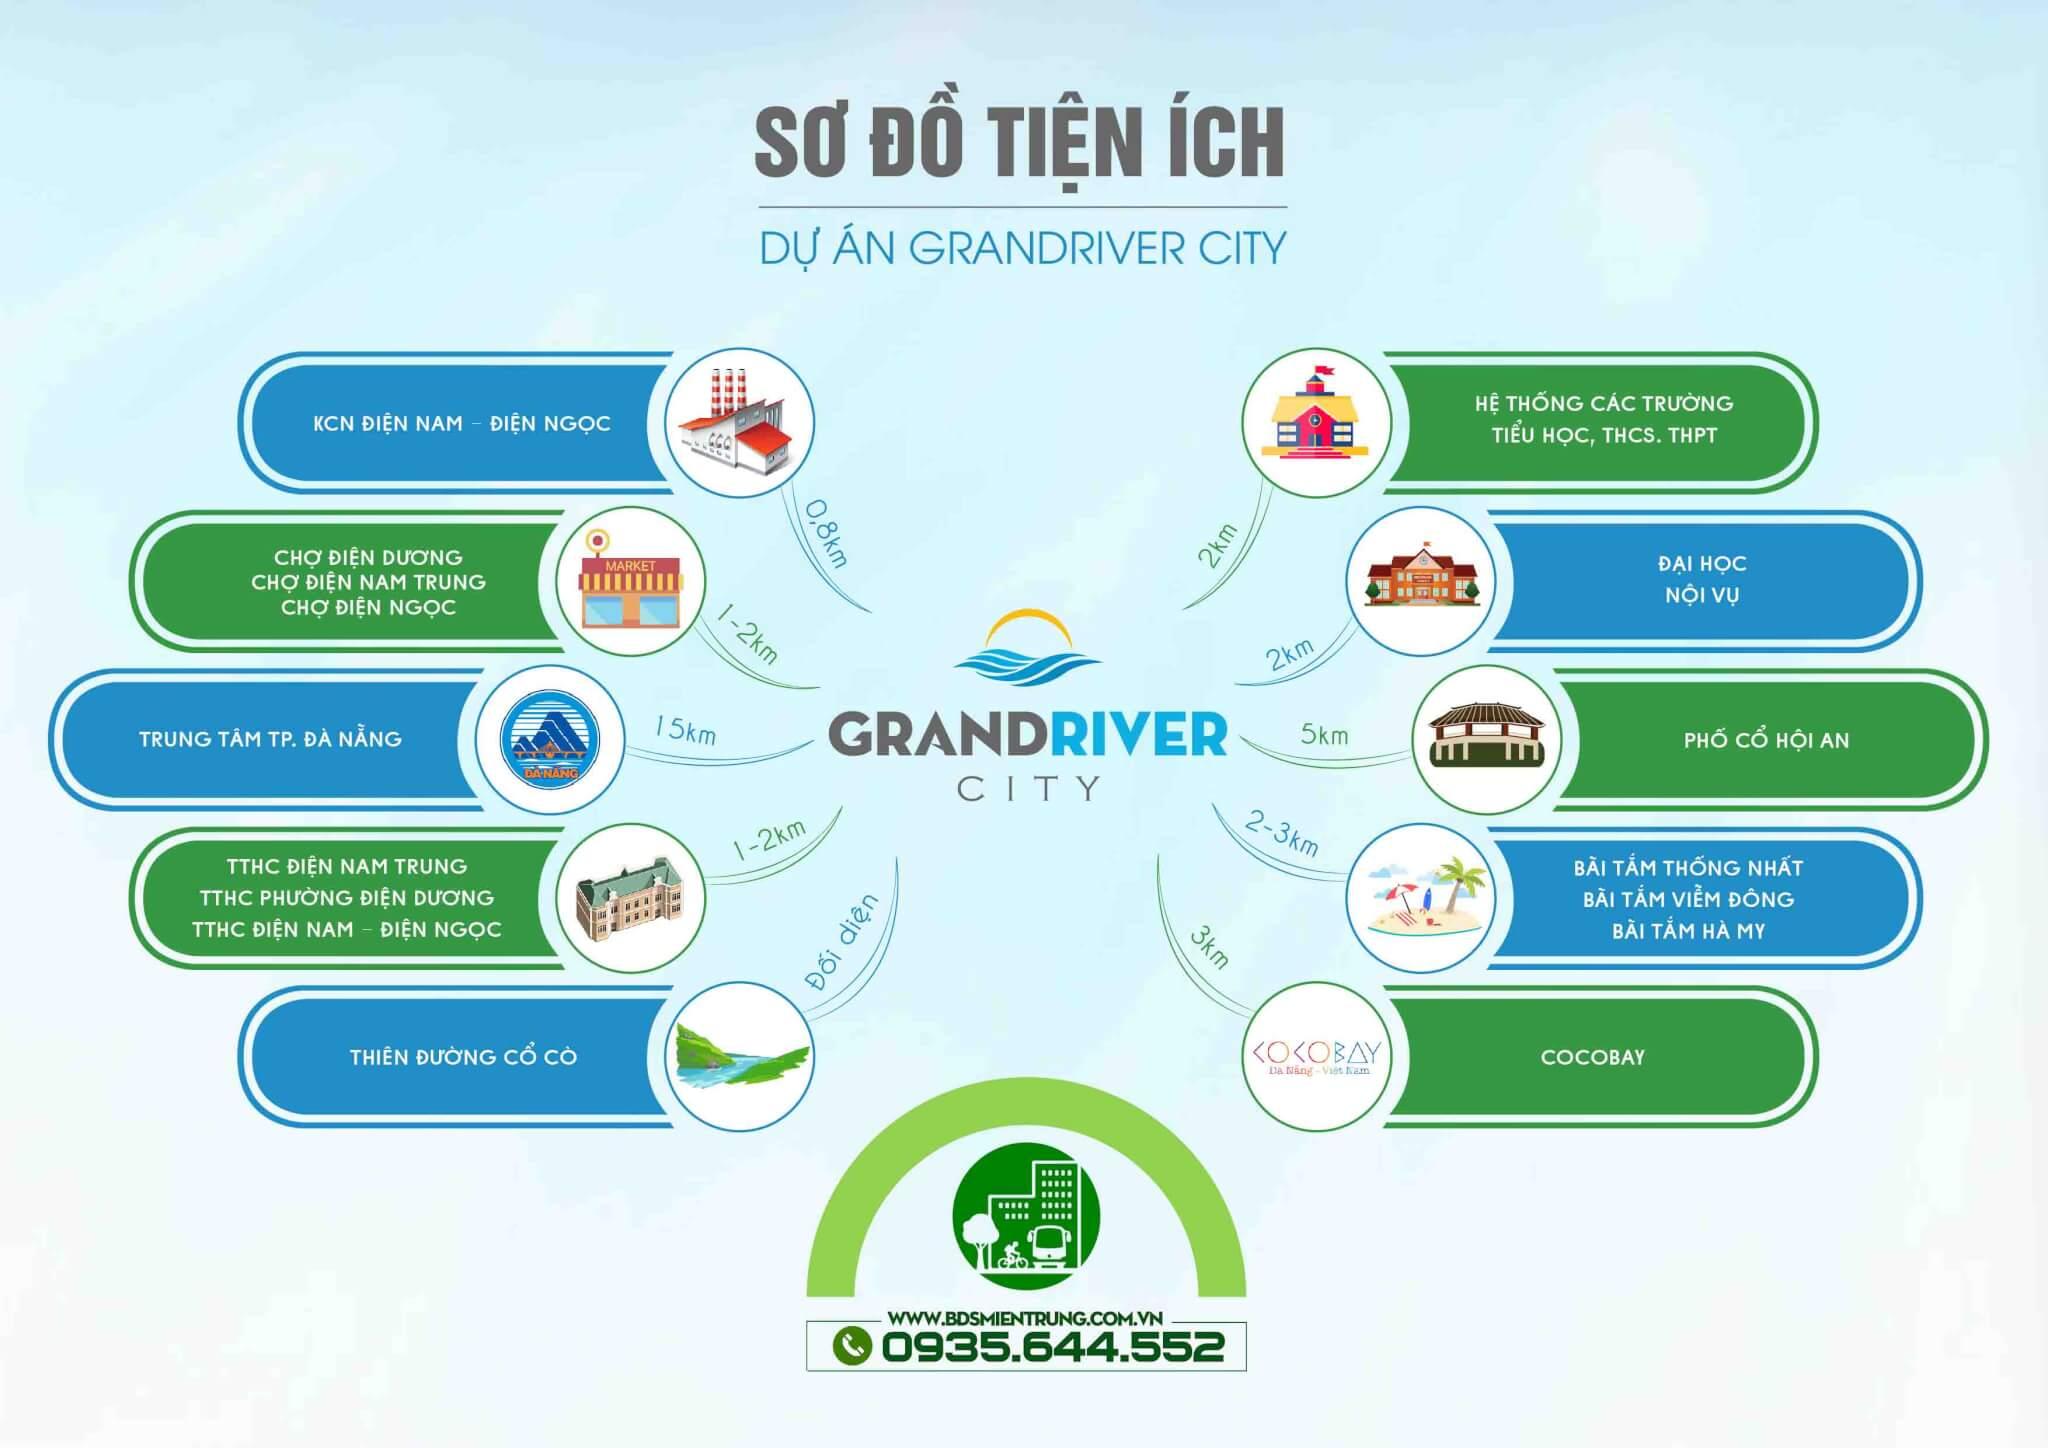 Tiện ích ngoại khu dự án Grand River City